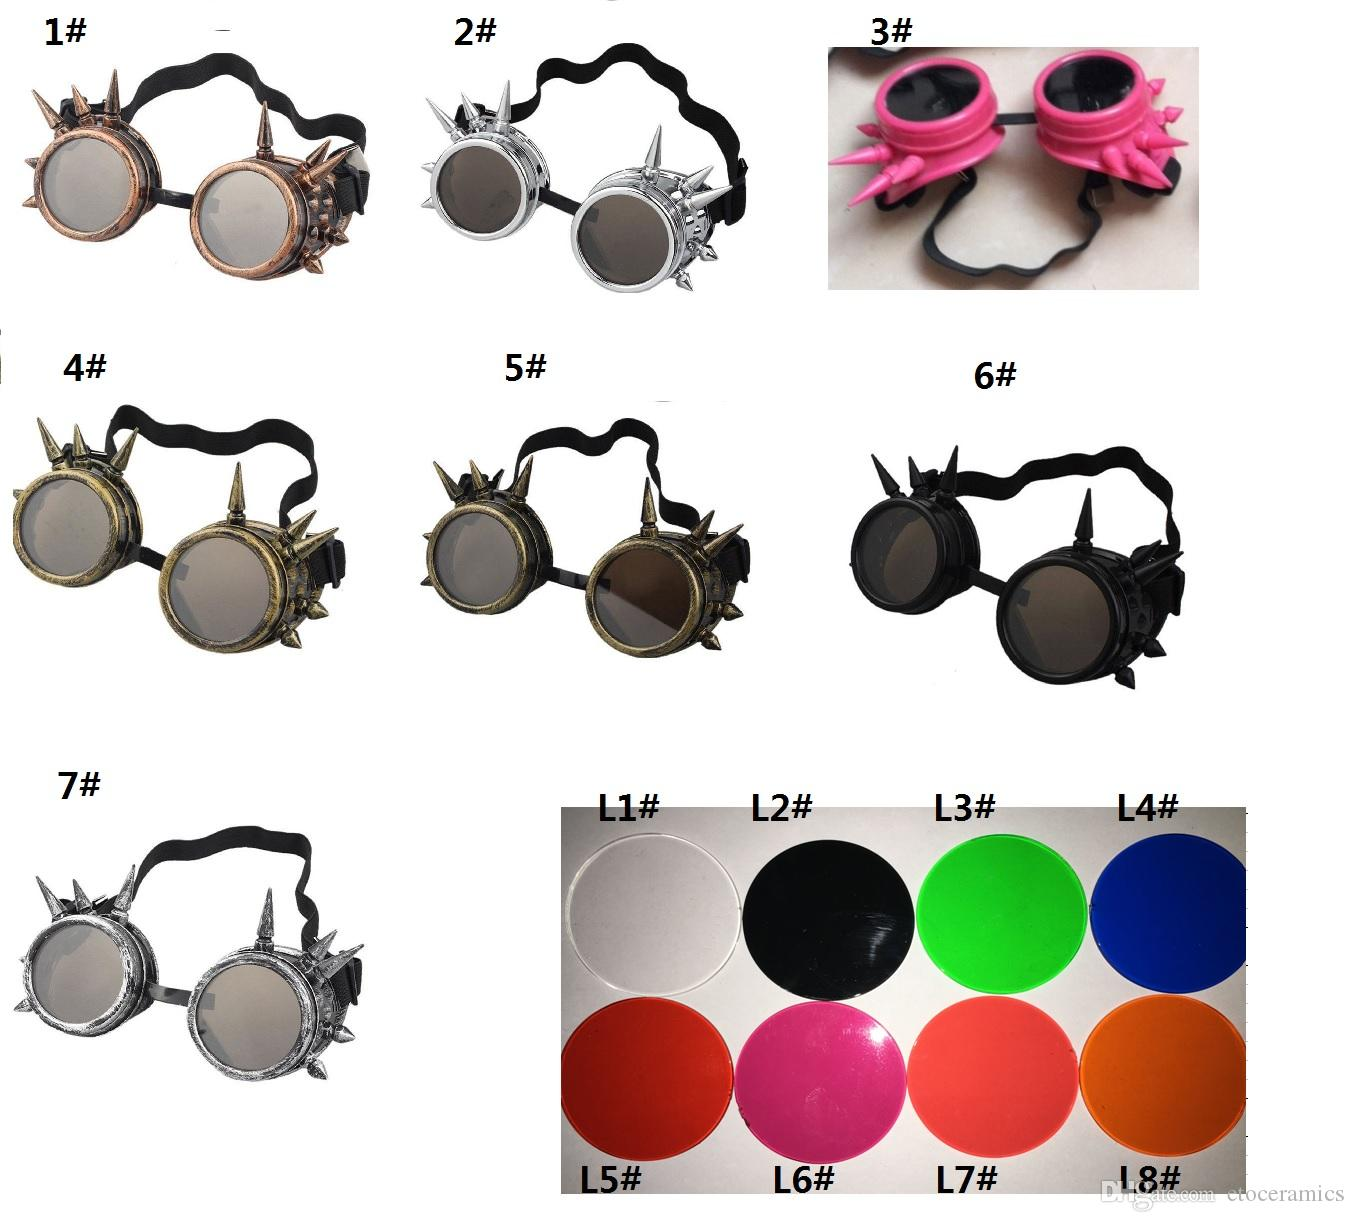 빈티지 빅토리아 Steampunk 고글 안경 용접 사이버 펑크 고딕 코스 프레 선글라스